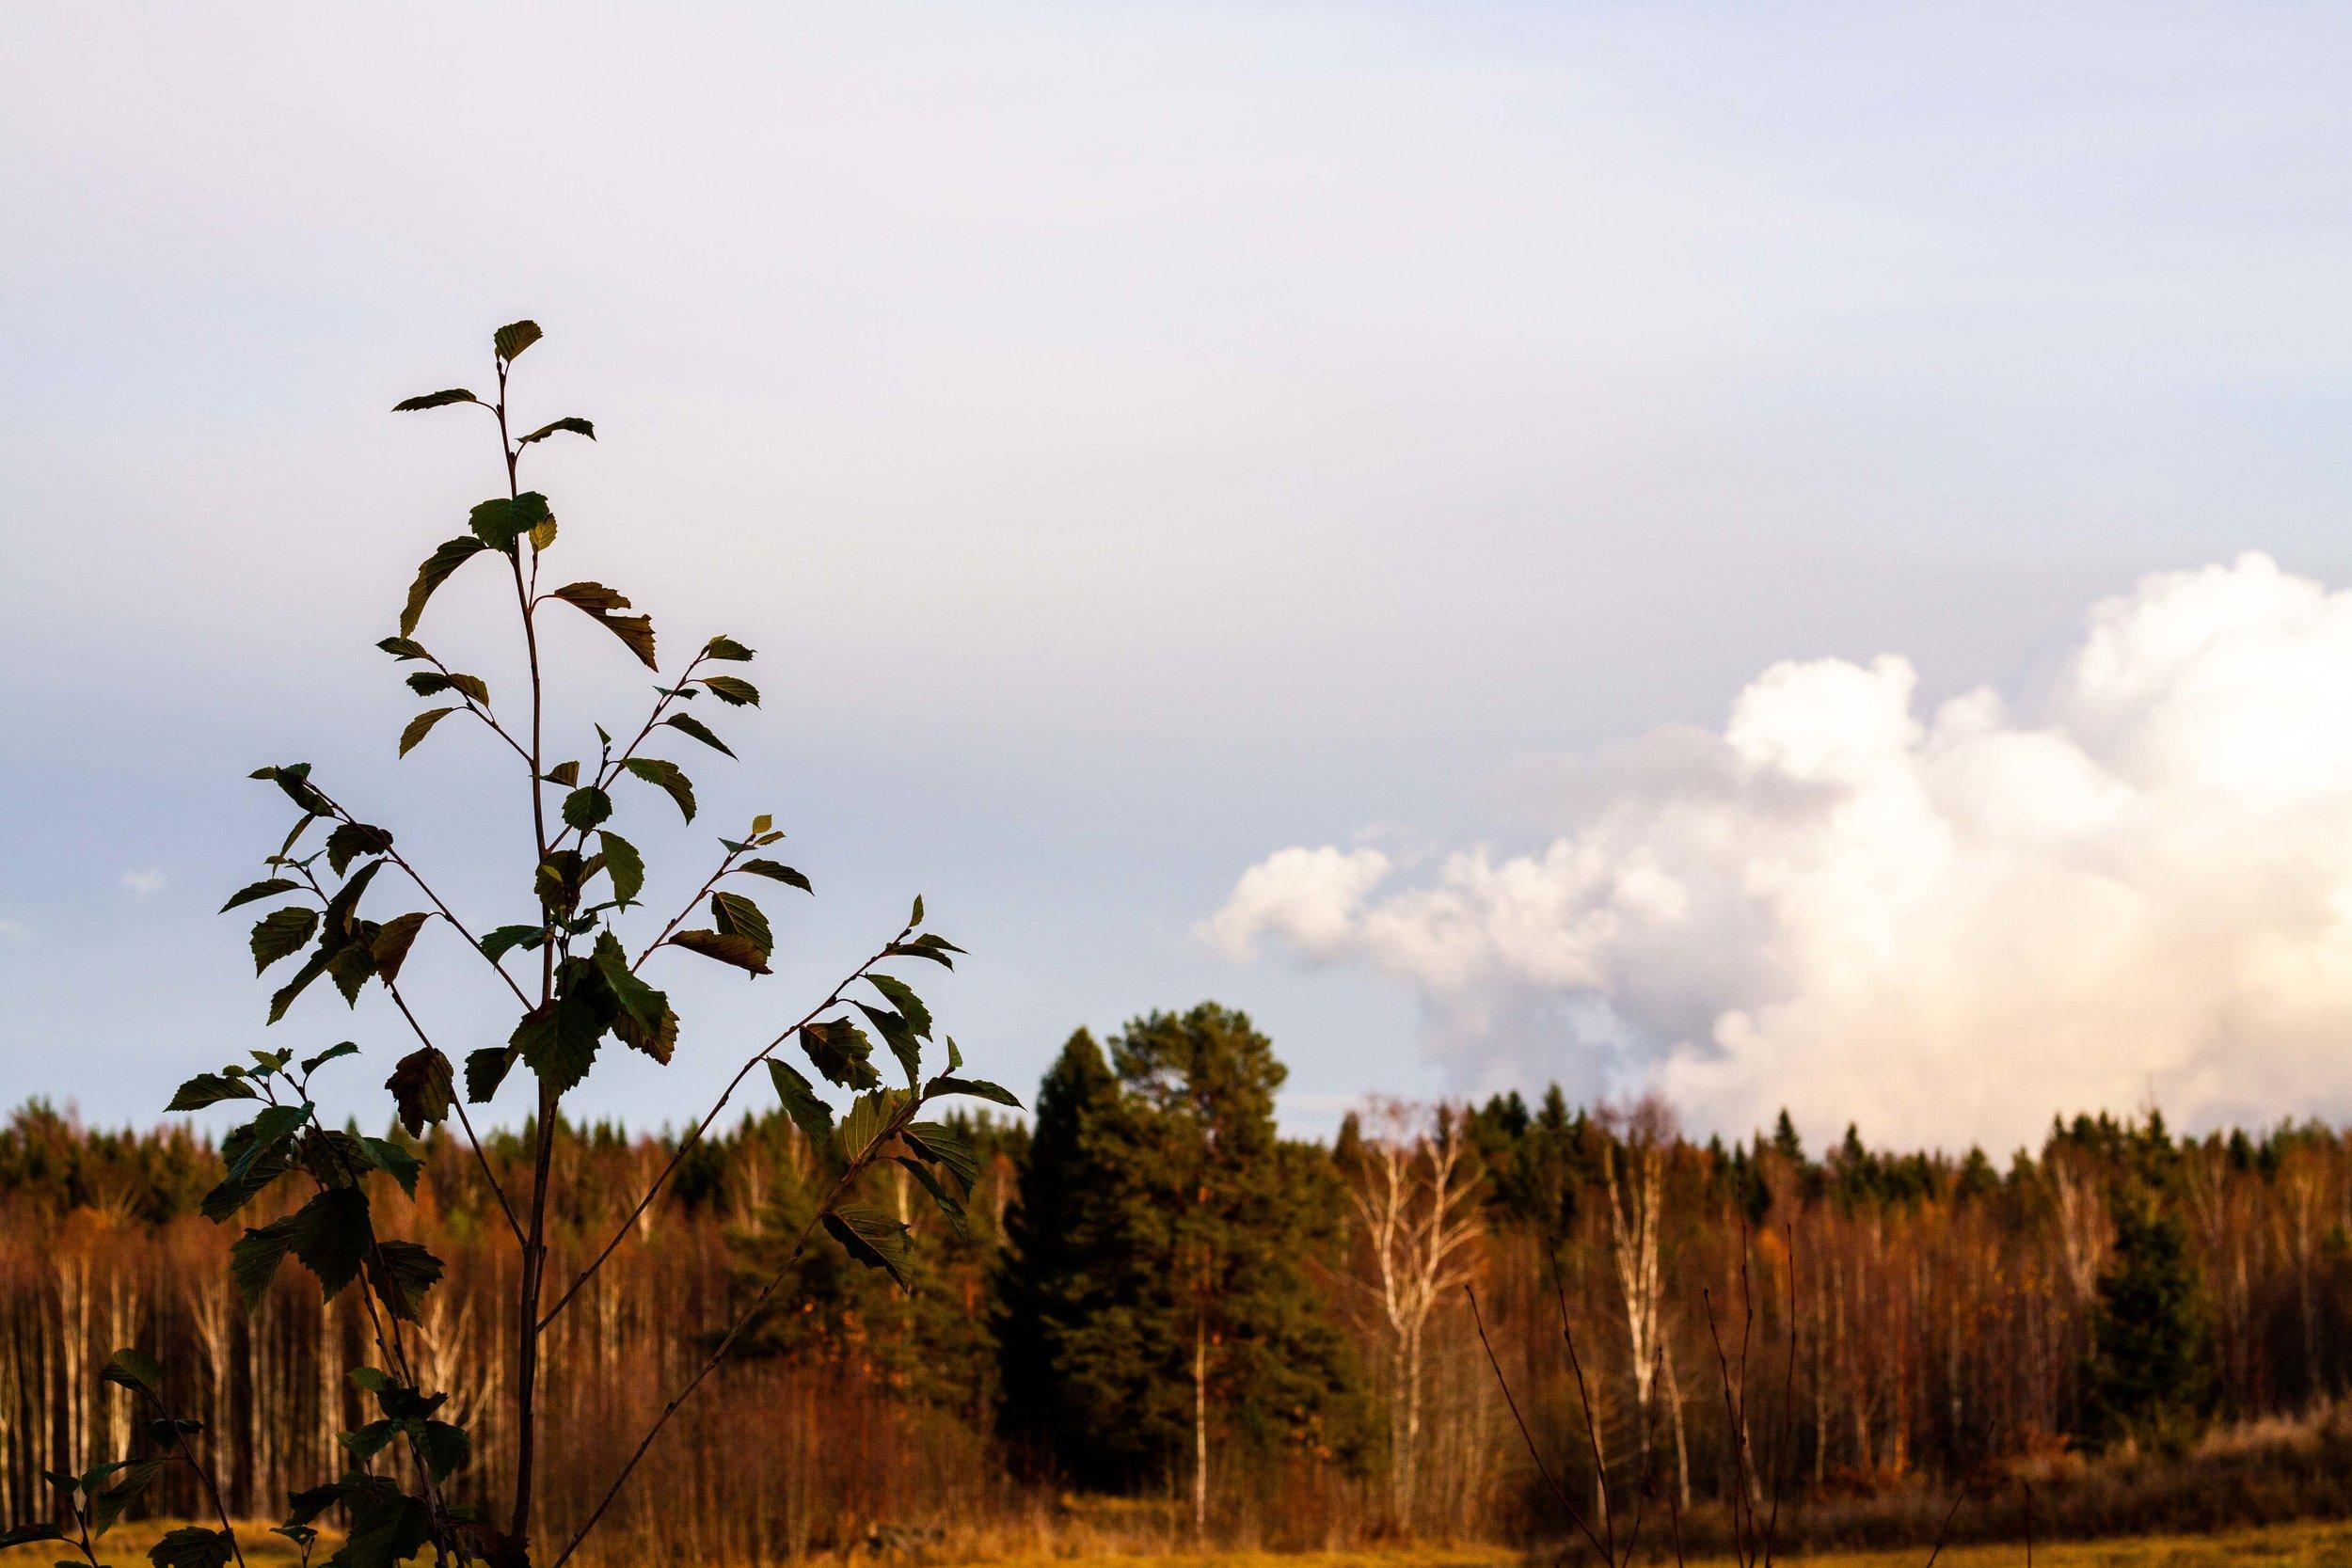 En av alla bilder jag tagit under höstens gång. Gillar det vackra i den lite gråaktiga men ändå gyllenbruna verkligheten.